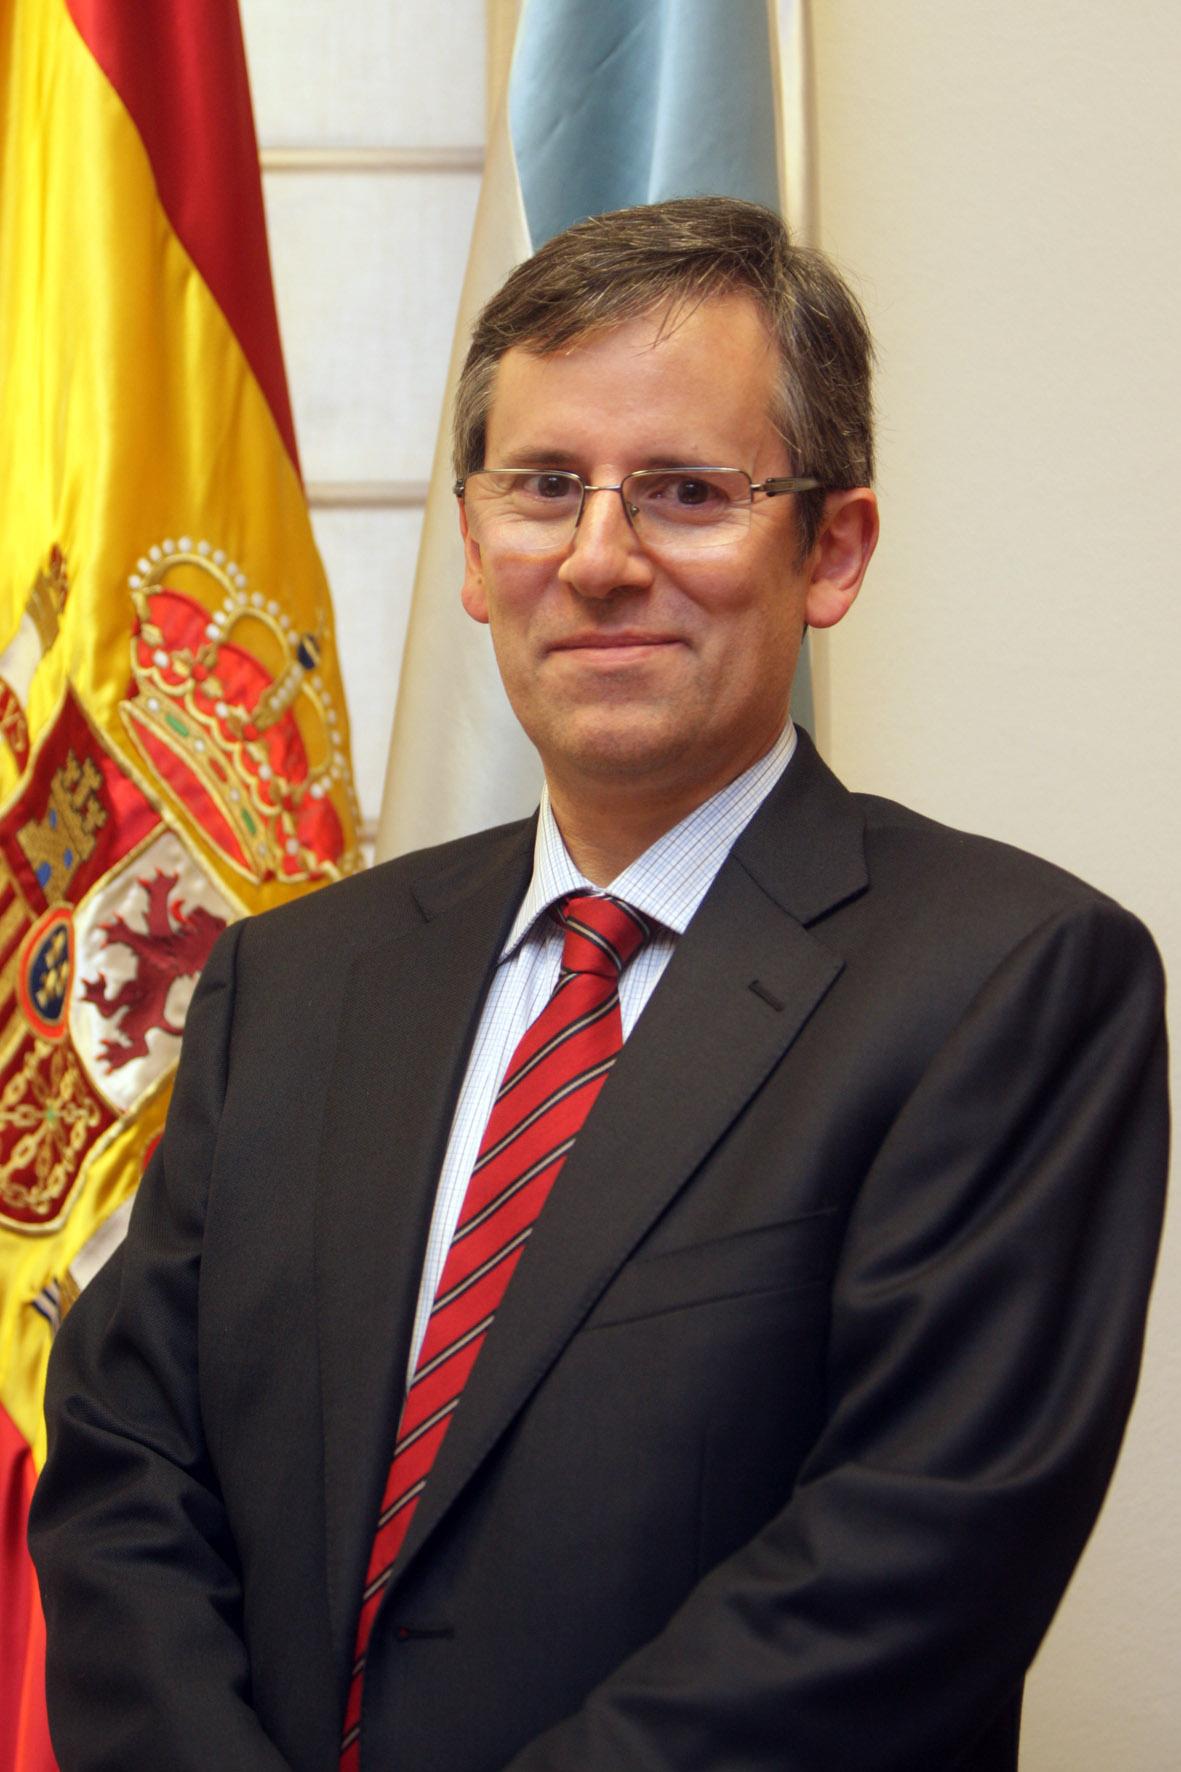 Manuel Pillado toma posesión como novo director xeral da Asesoría Xurídica  da Xunta - Xunta de Galicia